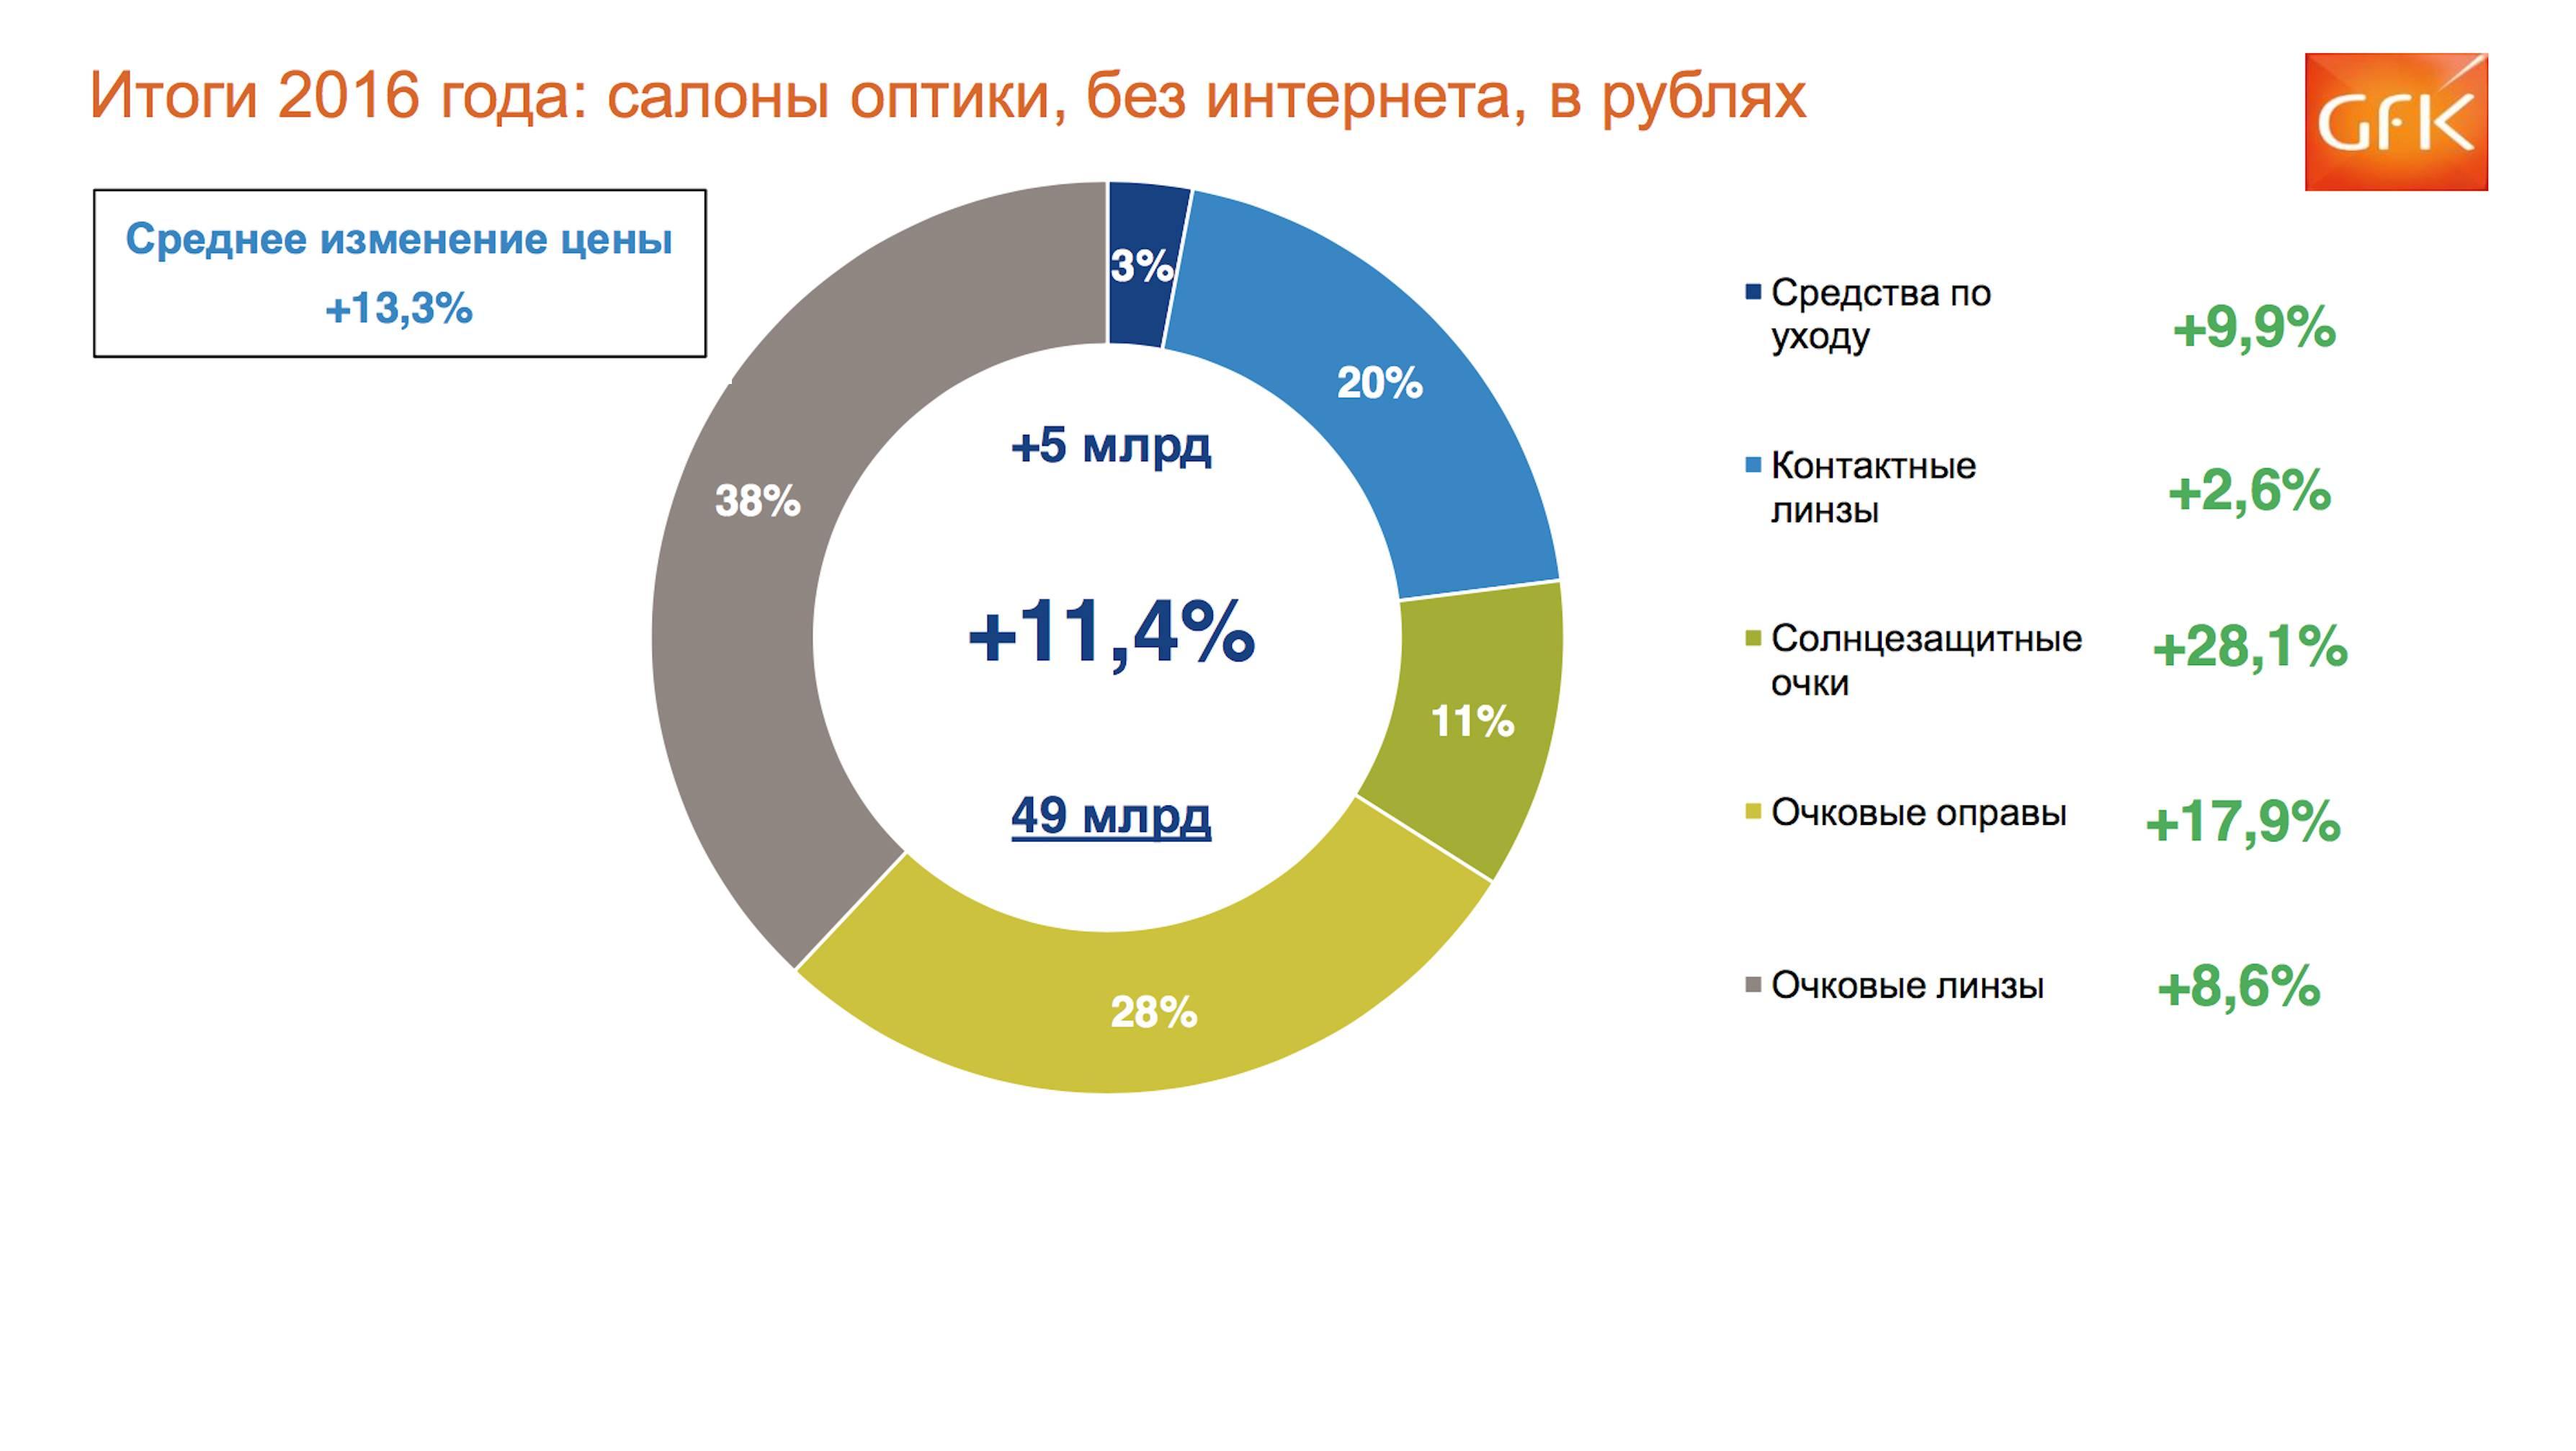 Международный рынок контактной коррекции зрения в 2011 году